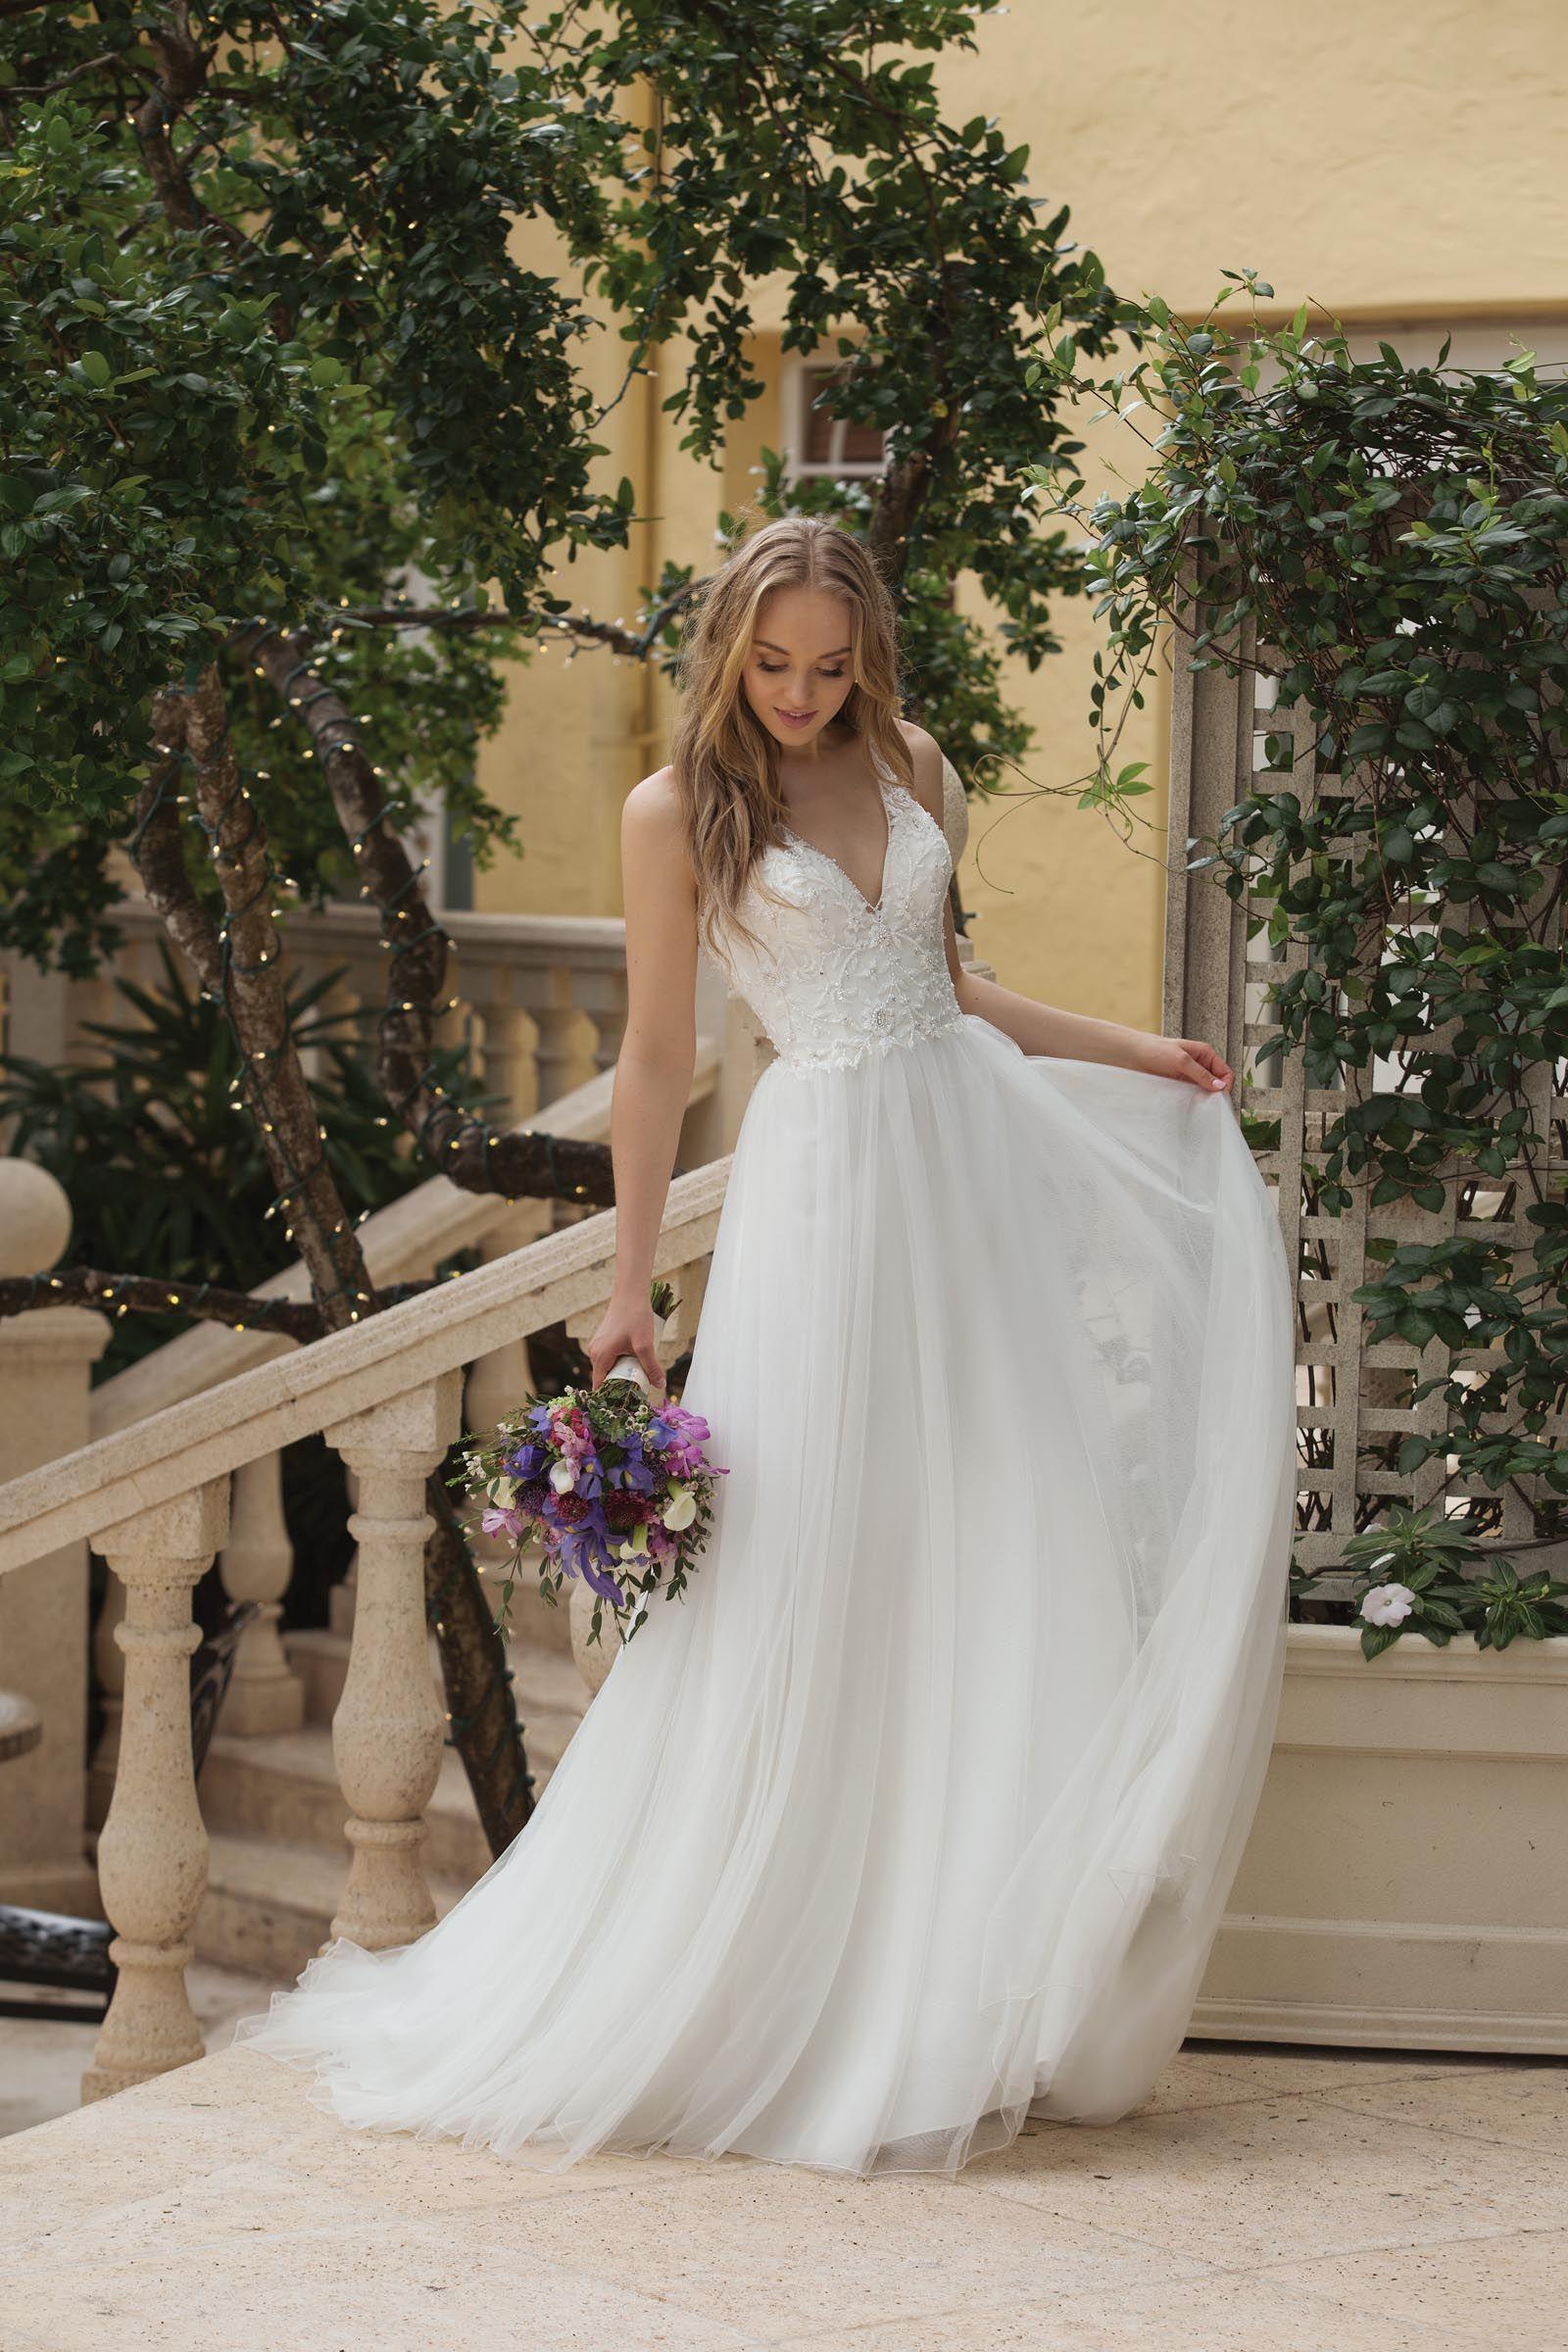 Brautkleider: Designer, Schnittformen und royale Hochzeitskleider